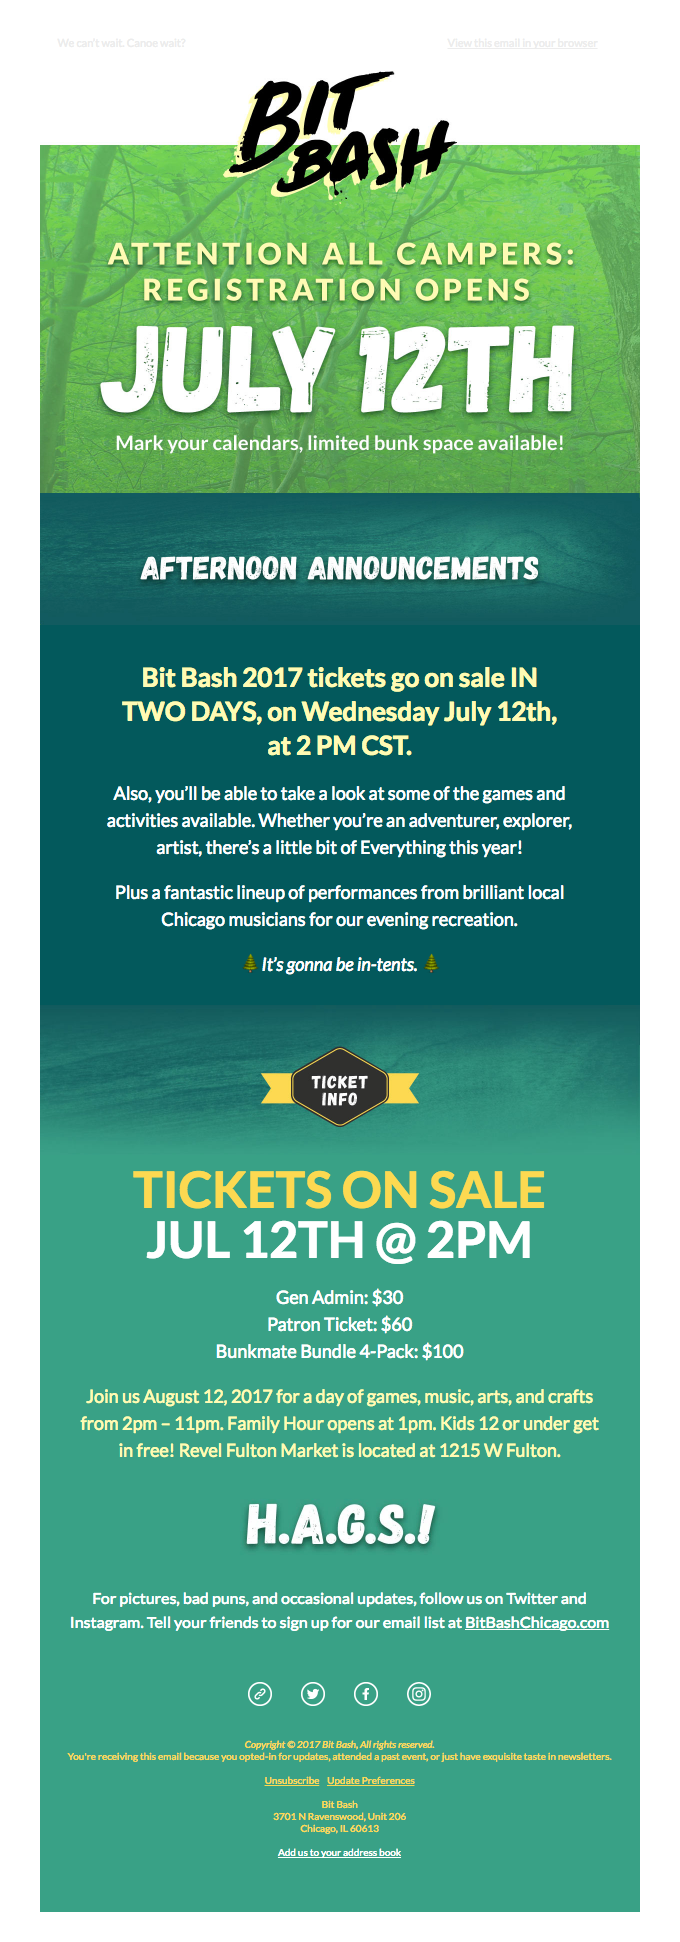 Bit Bash Tickets On Sale In 2 Days 🌲